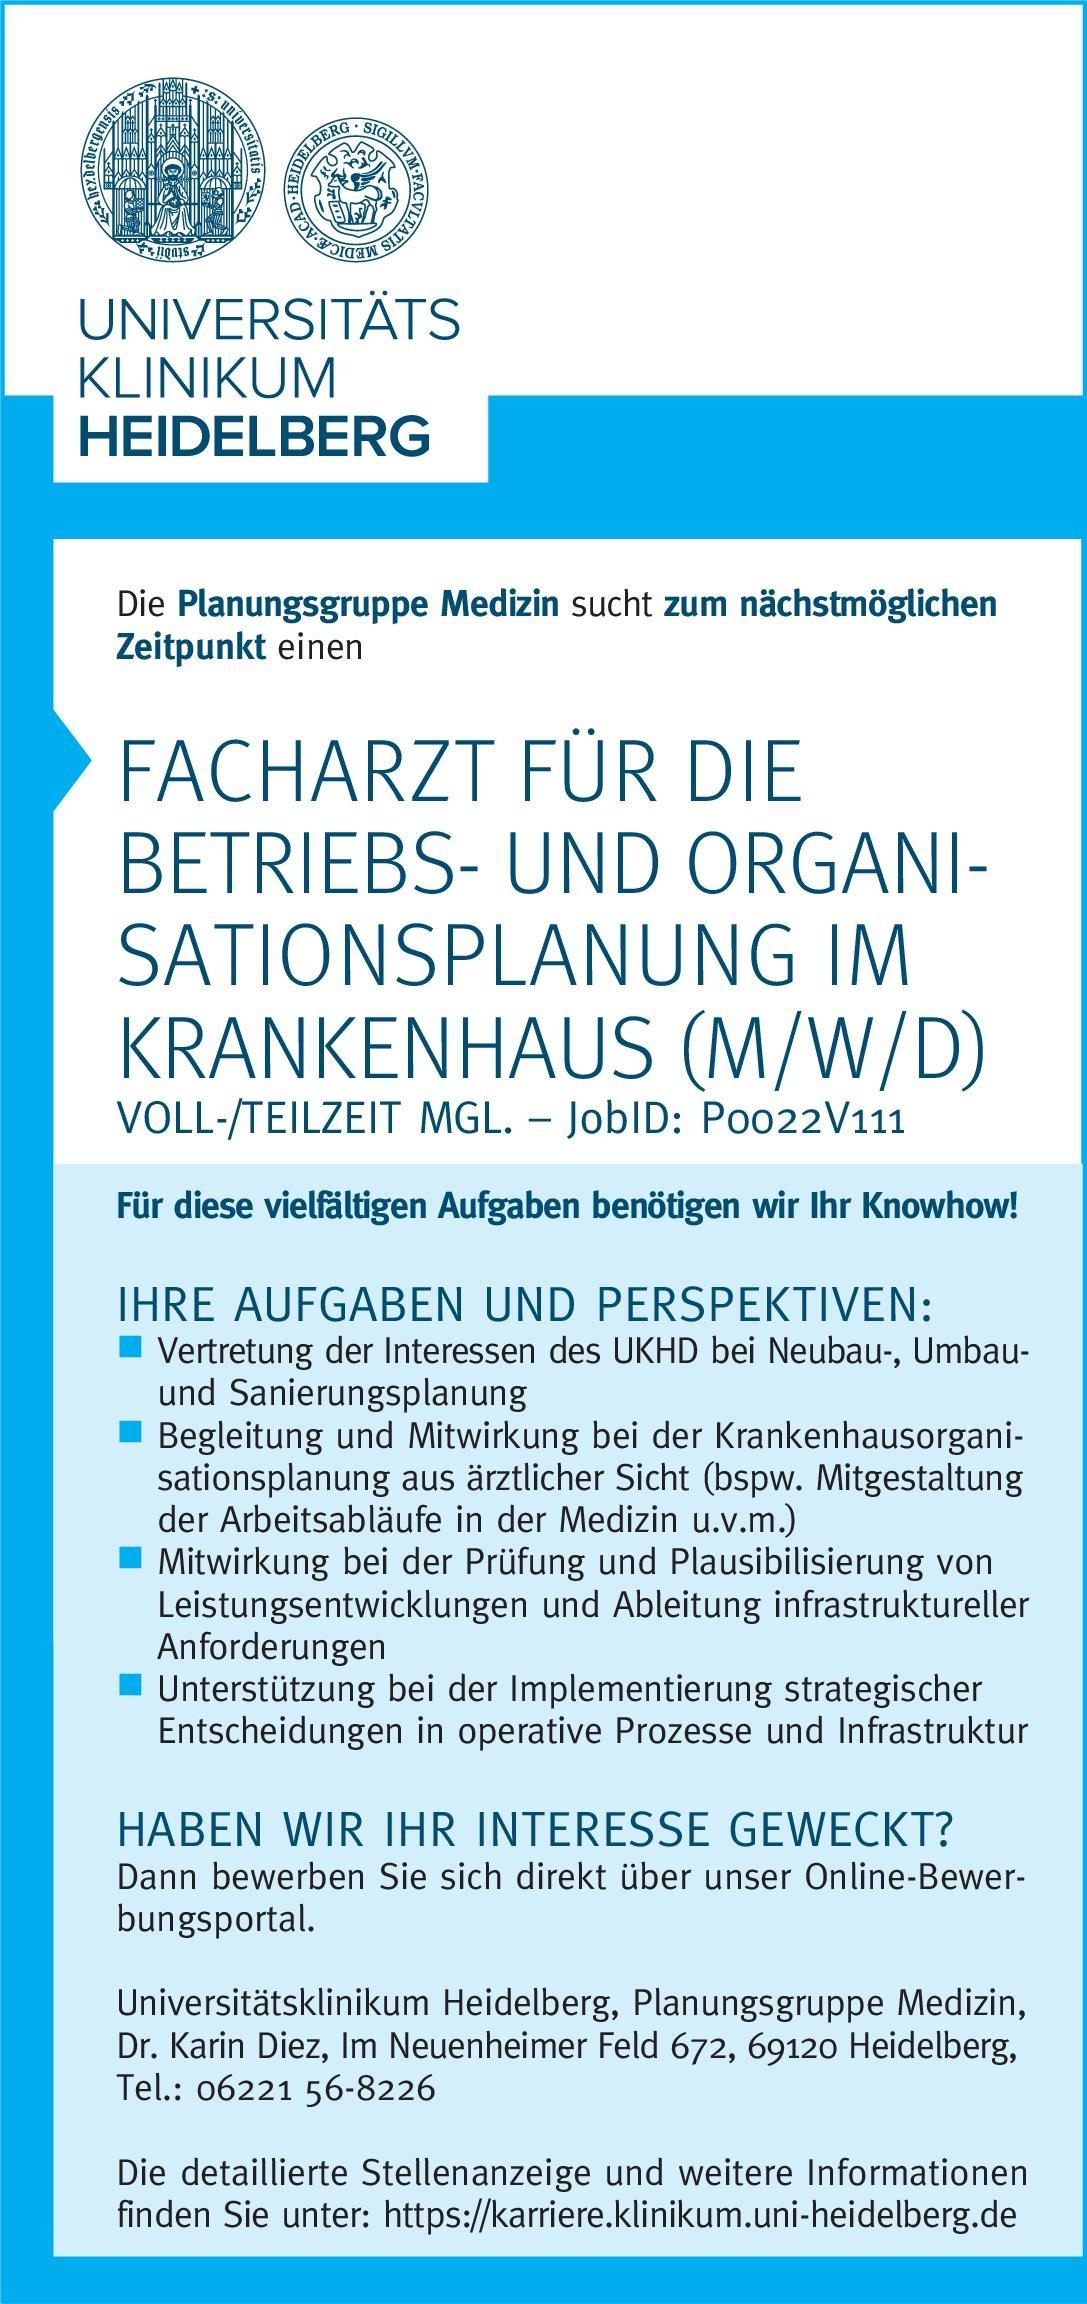 Universitätsklinikum Heidelberg - Planungsgruppe Medizin Facharzt für die Betriebs- und Organisationsplanung im Krankenhaus (m/w/d) * ohne Gebiete Arzt / Facharzt